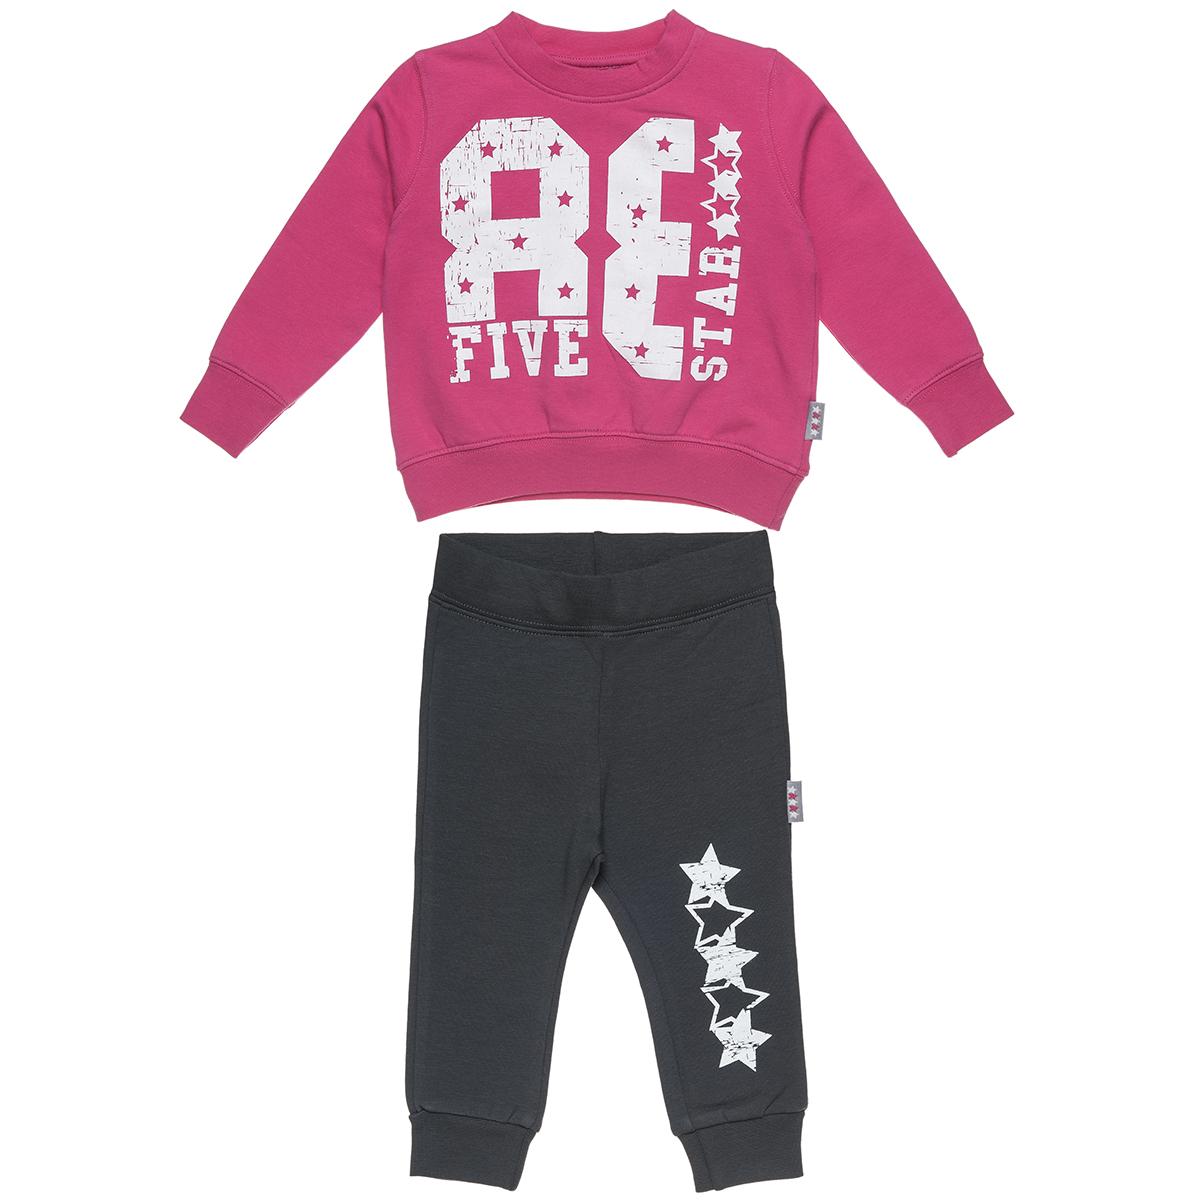 Σετ Φόρμας Five Star μπλούζα φούτερ με τύπωμα και παντελόνι με λάστιχο (Κορίτσι 9 μηνών-5 ετών) 00230549 - Φούξια - 5463-0174/3/26/173